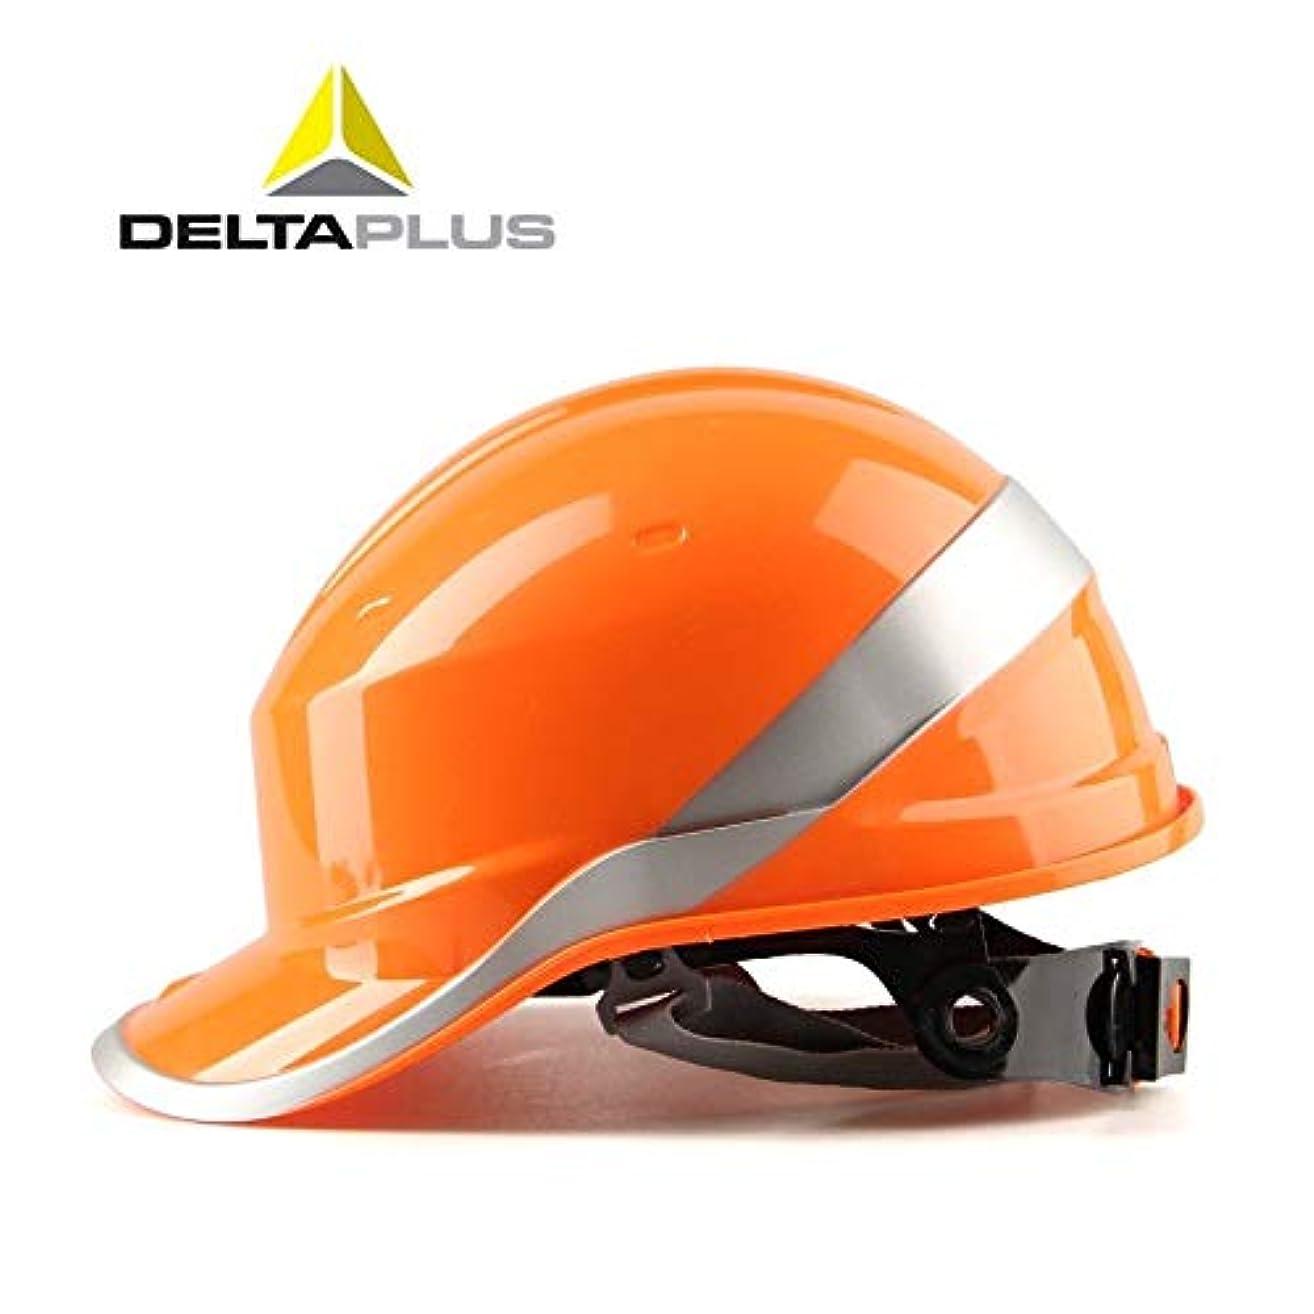 リース忠実省防災ヘルメット 工事用 安全ヘルメット 避難用 サイズ調節可能 絶縁 ABS 5色選べる (オレンジ)